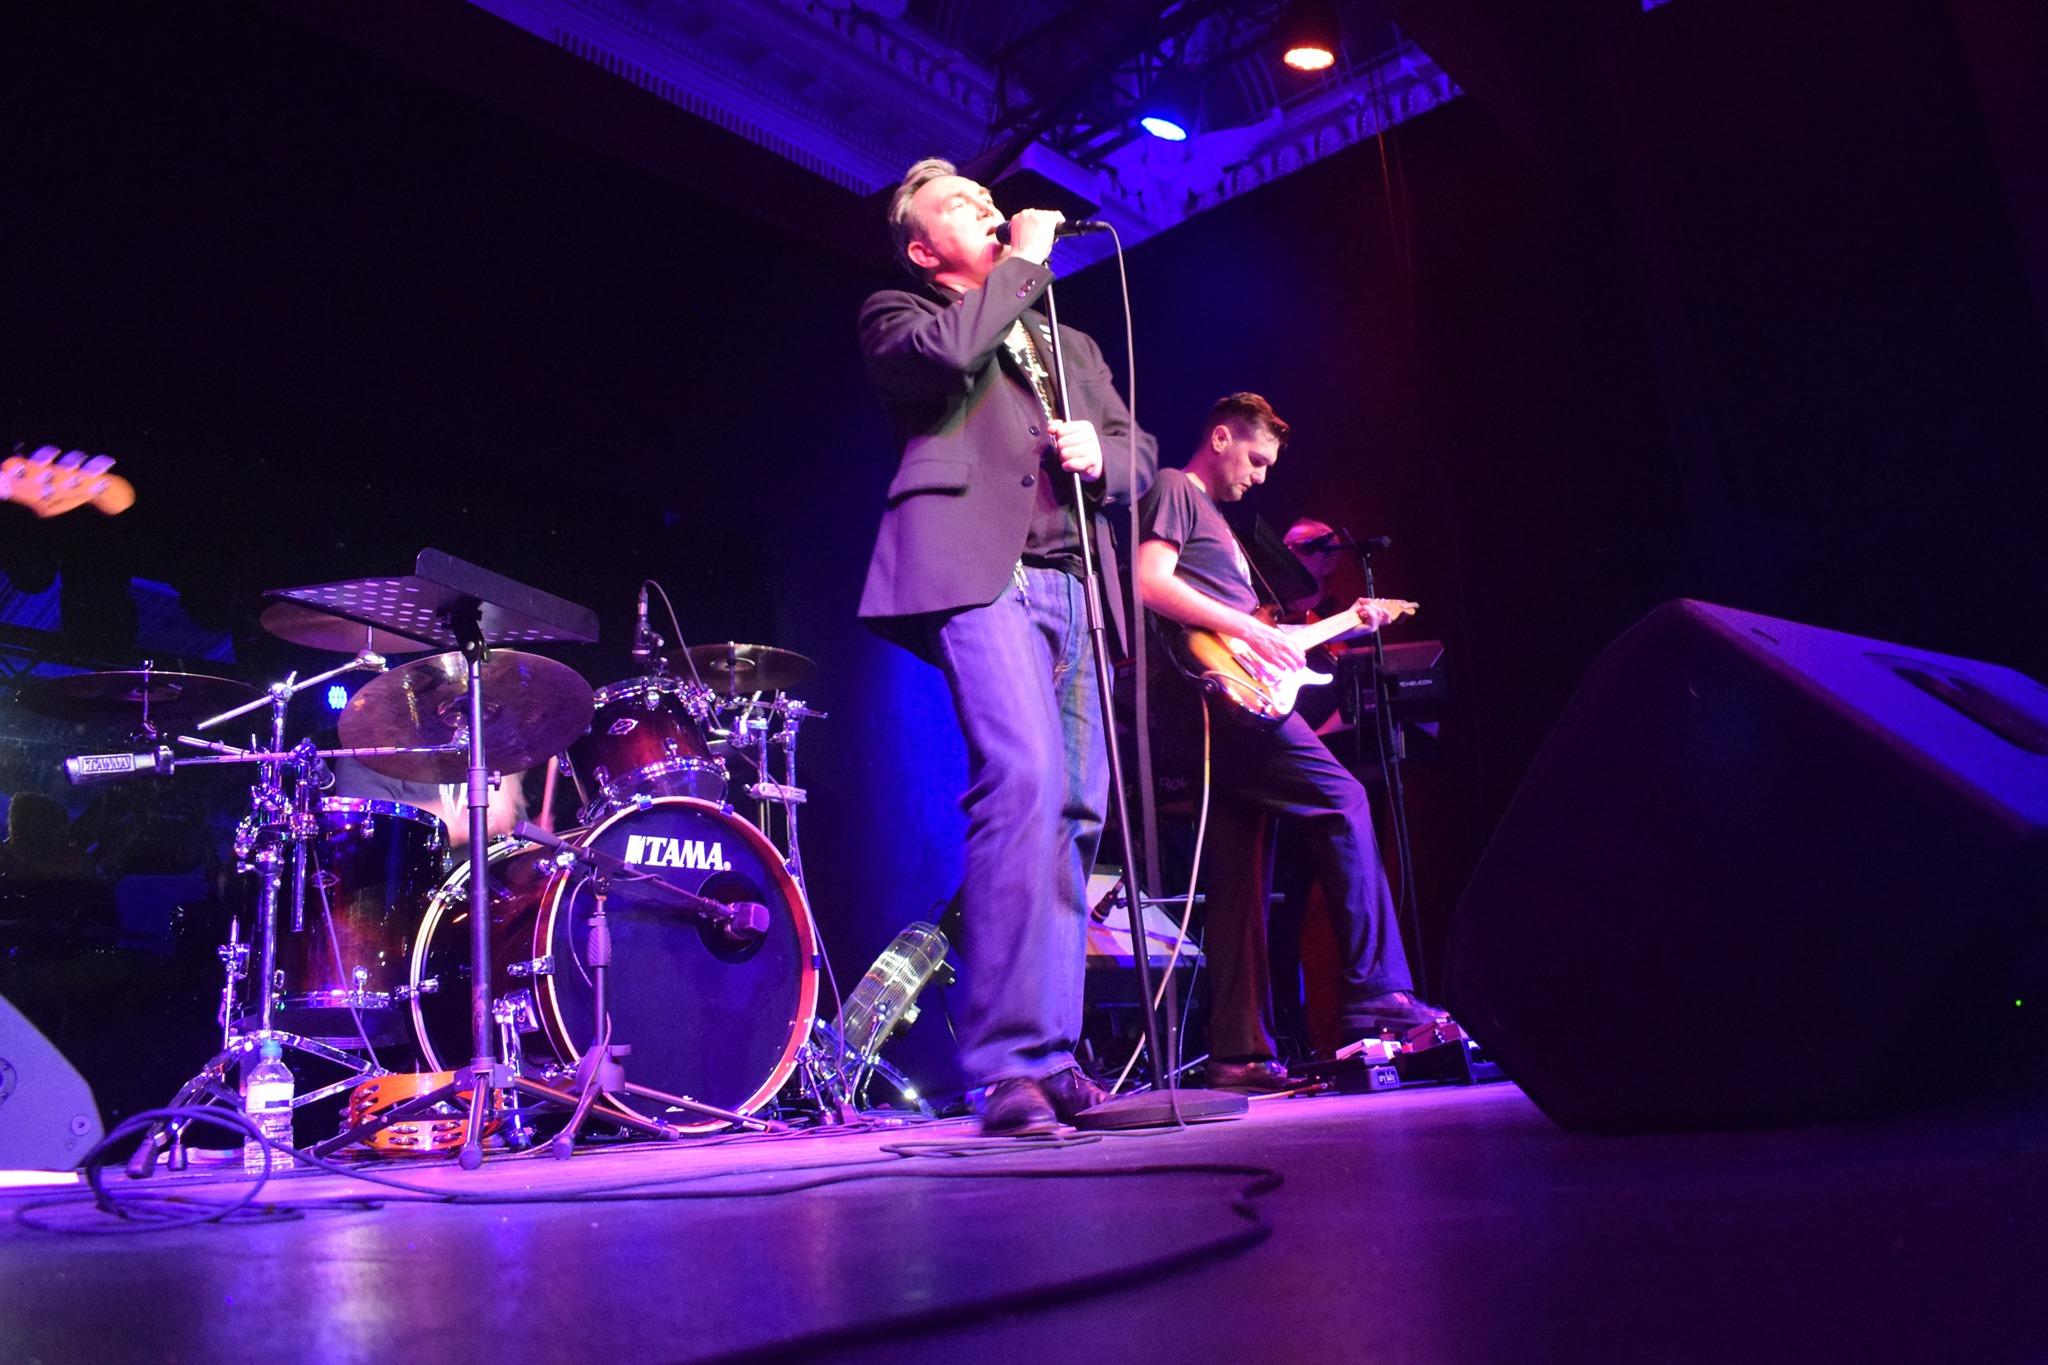 Viva Morrissey@The Peer Hat, Manchester